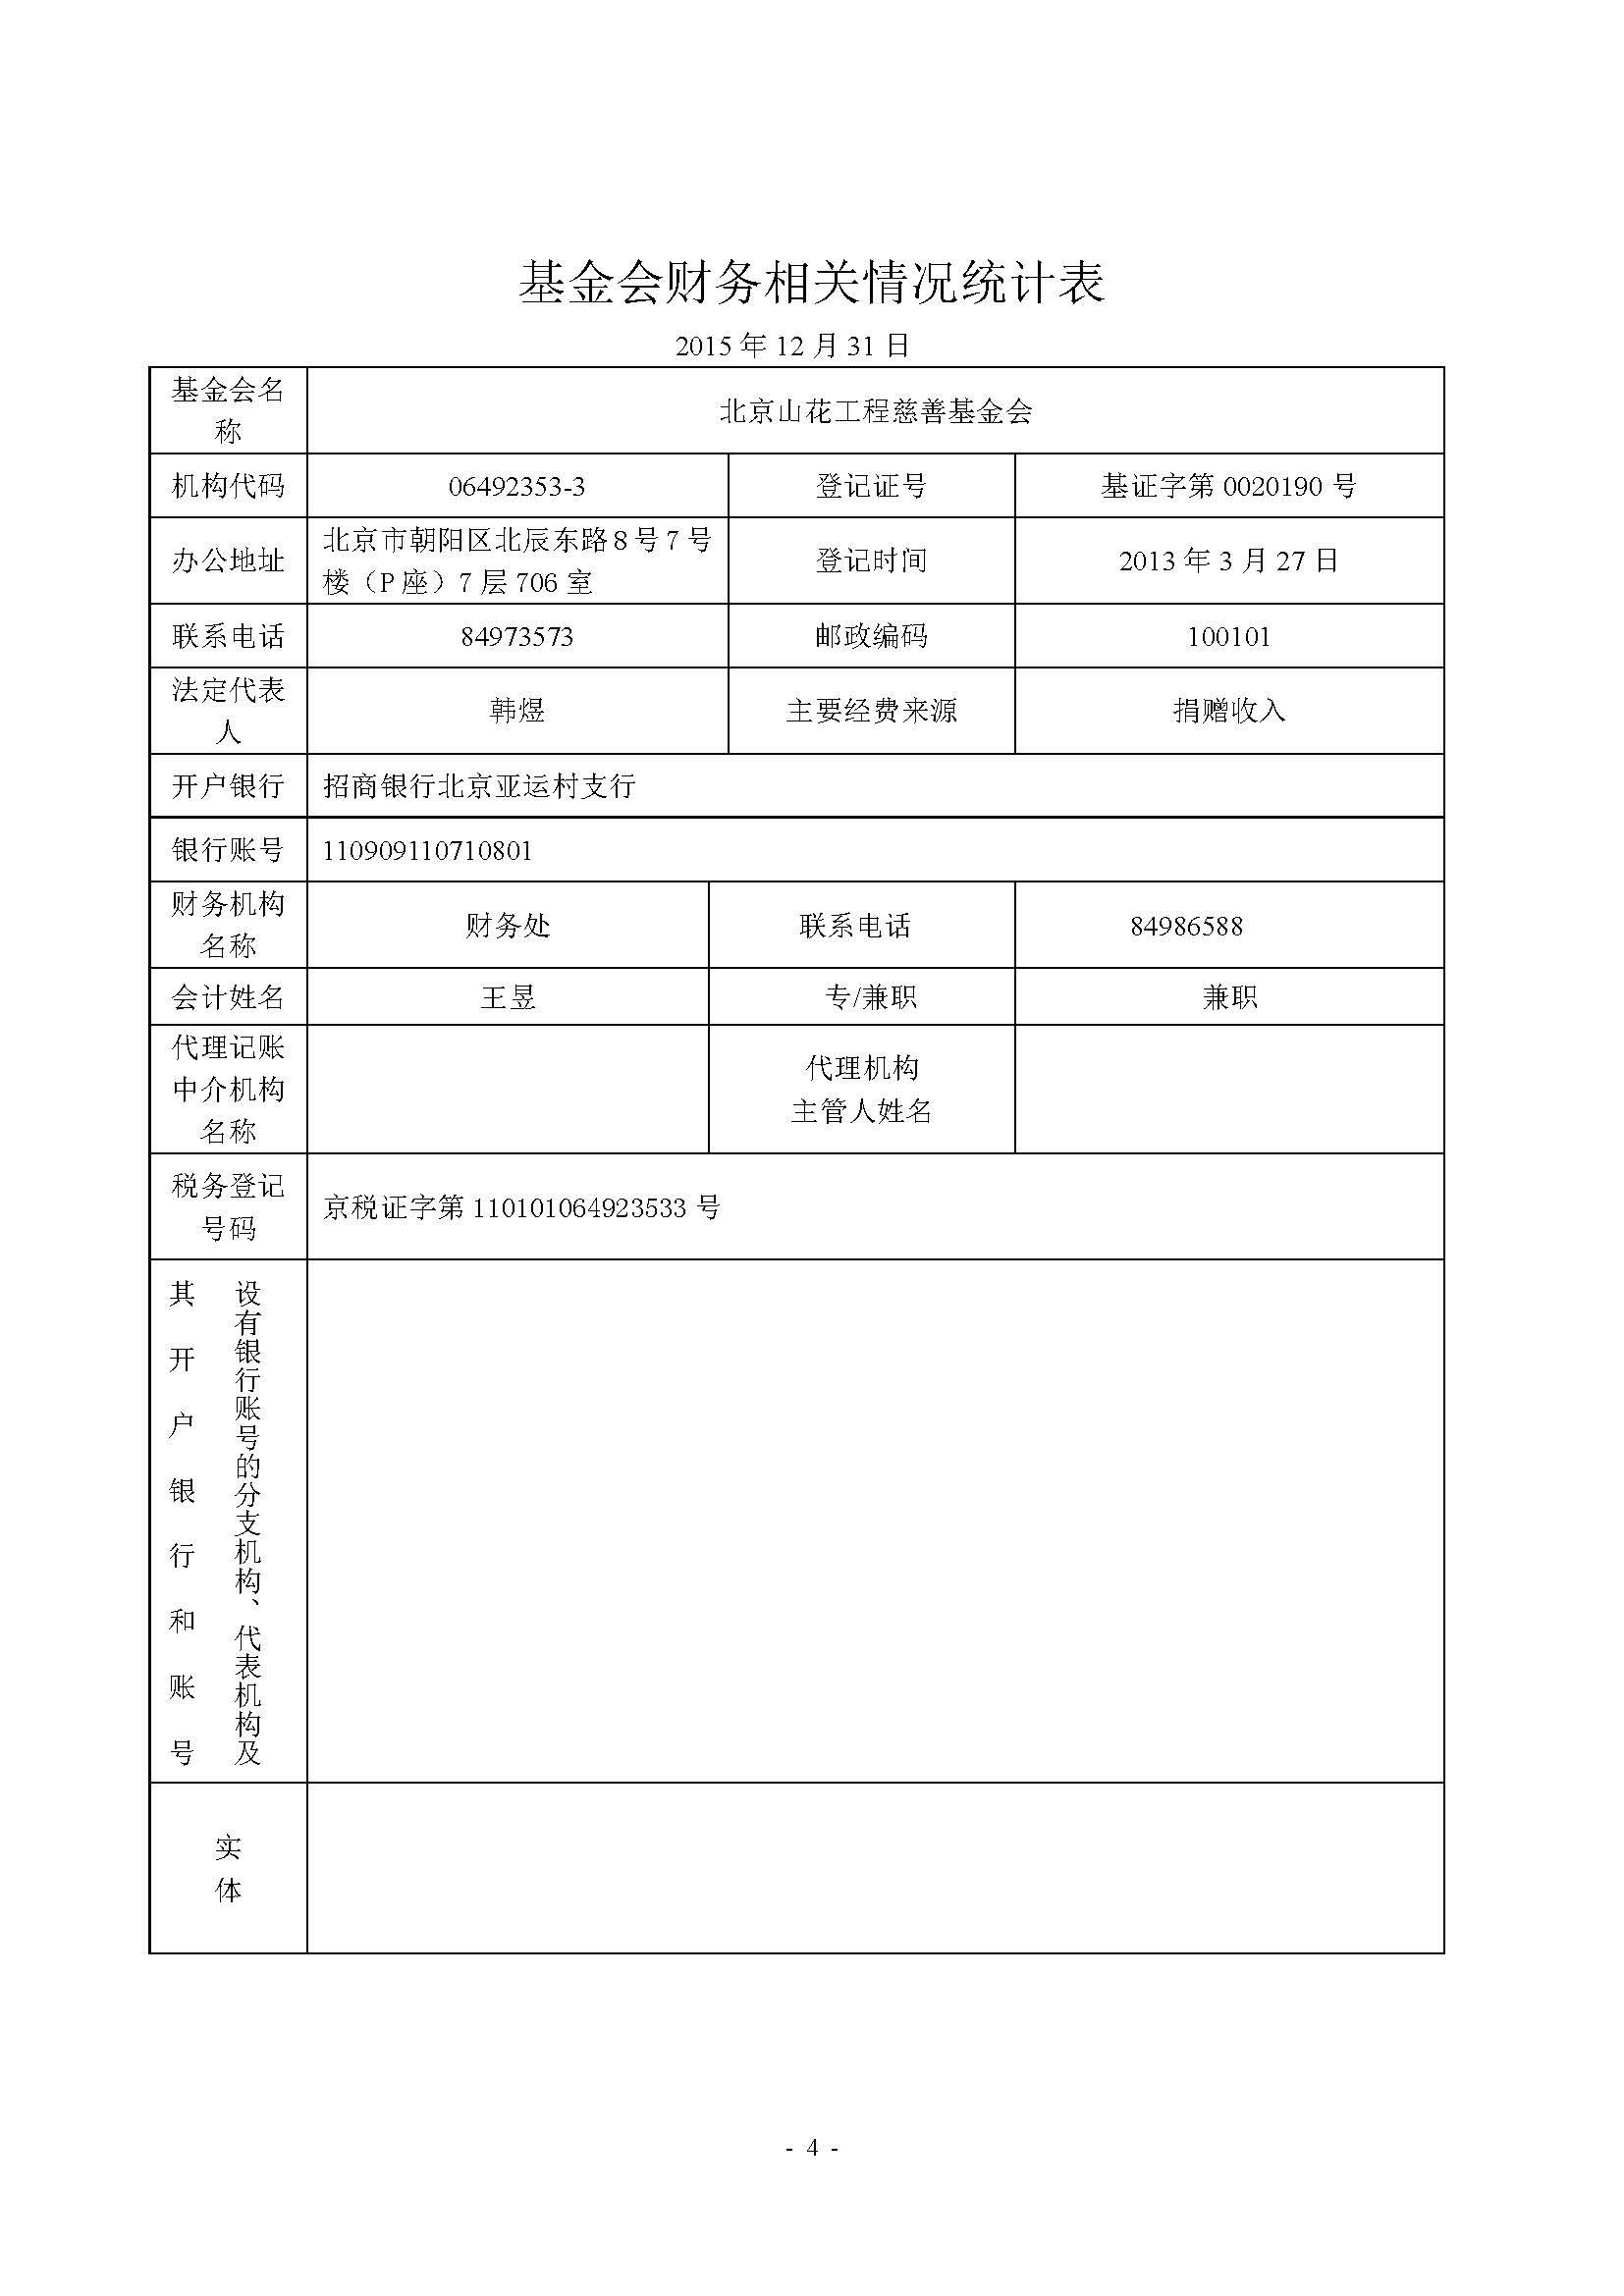 [2016]3016#山花工程基金会审计报告(电子签章)_页面_05